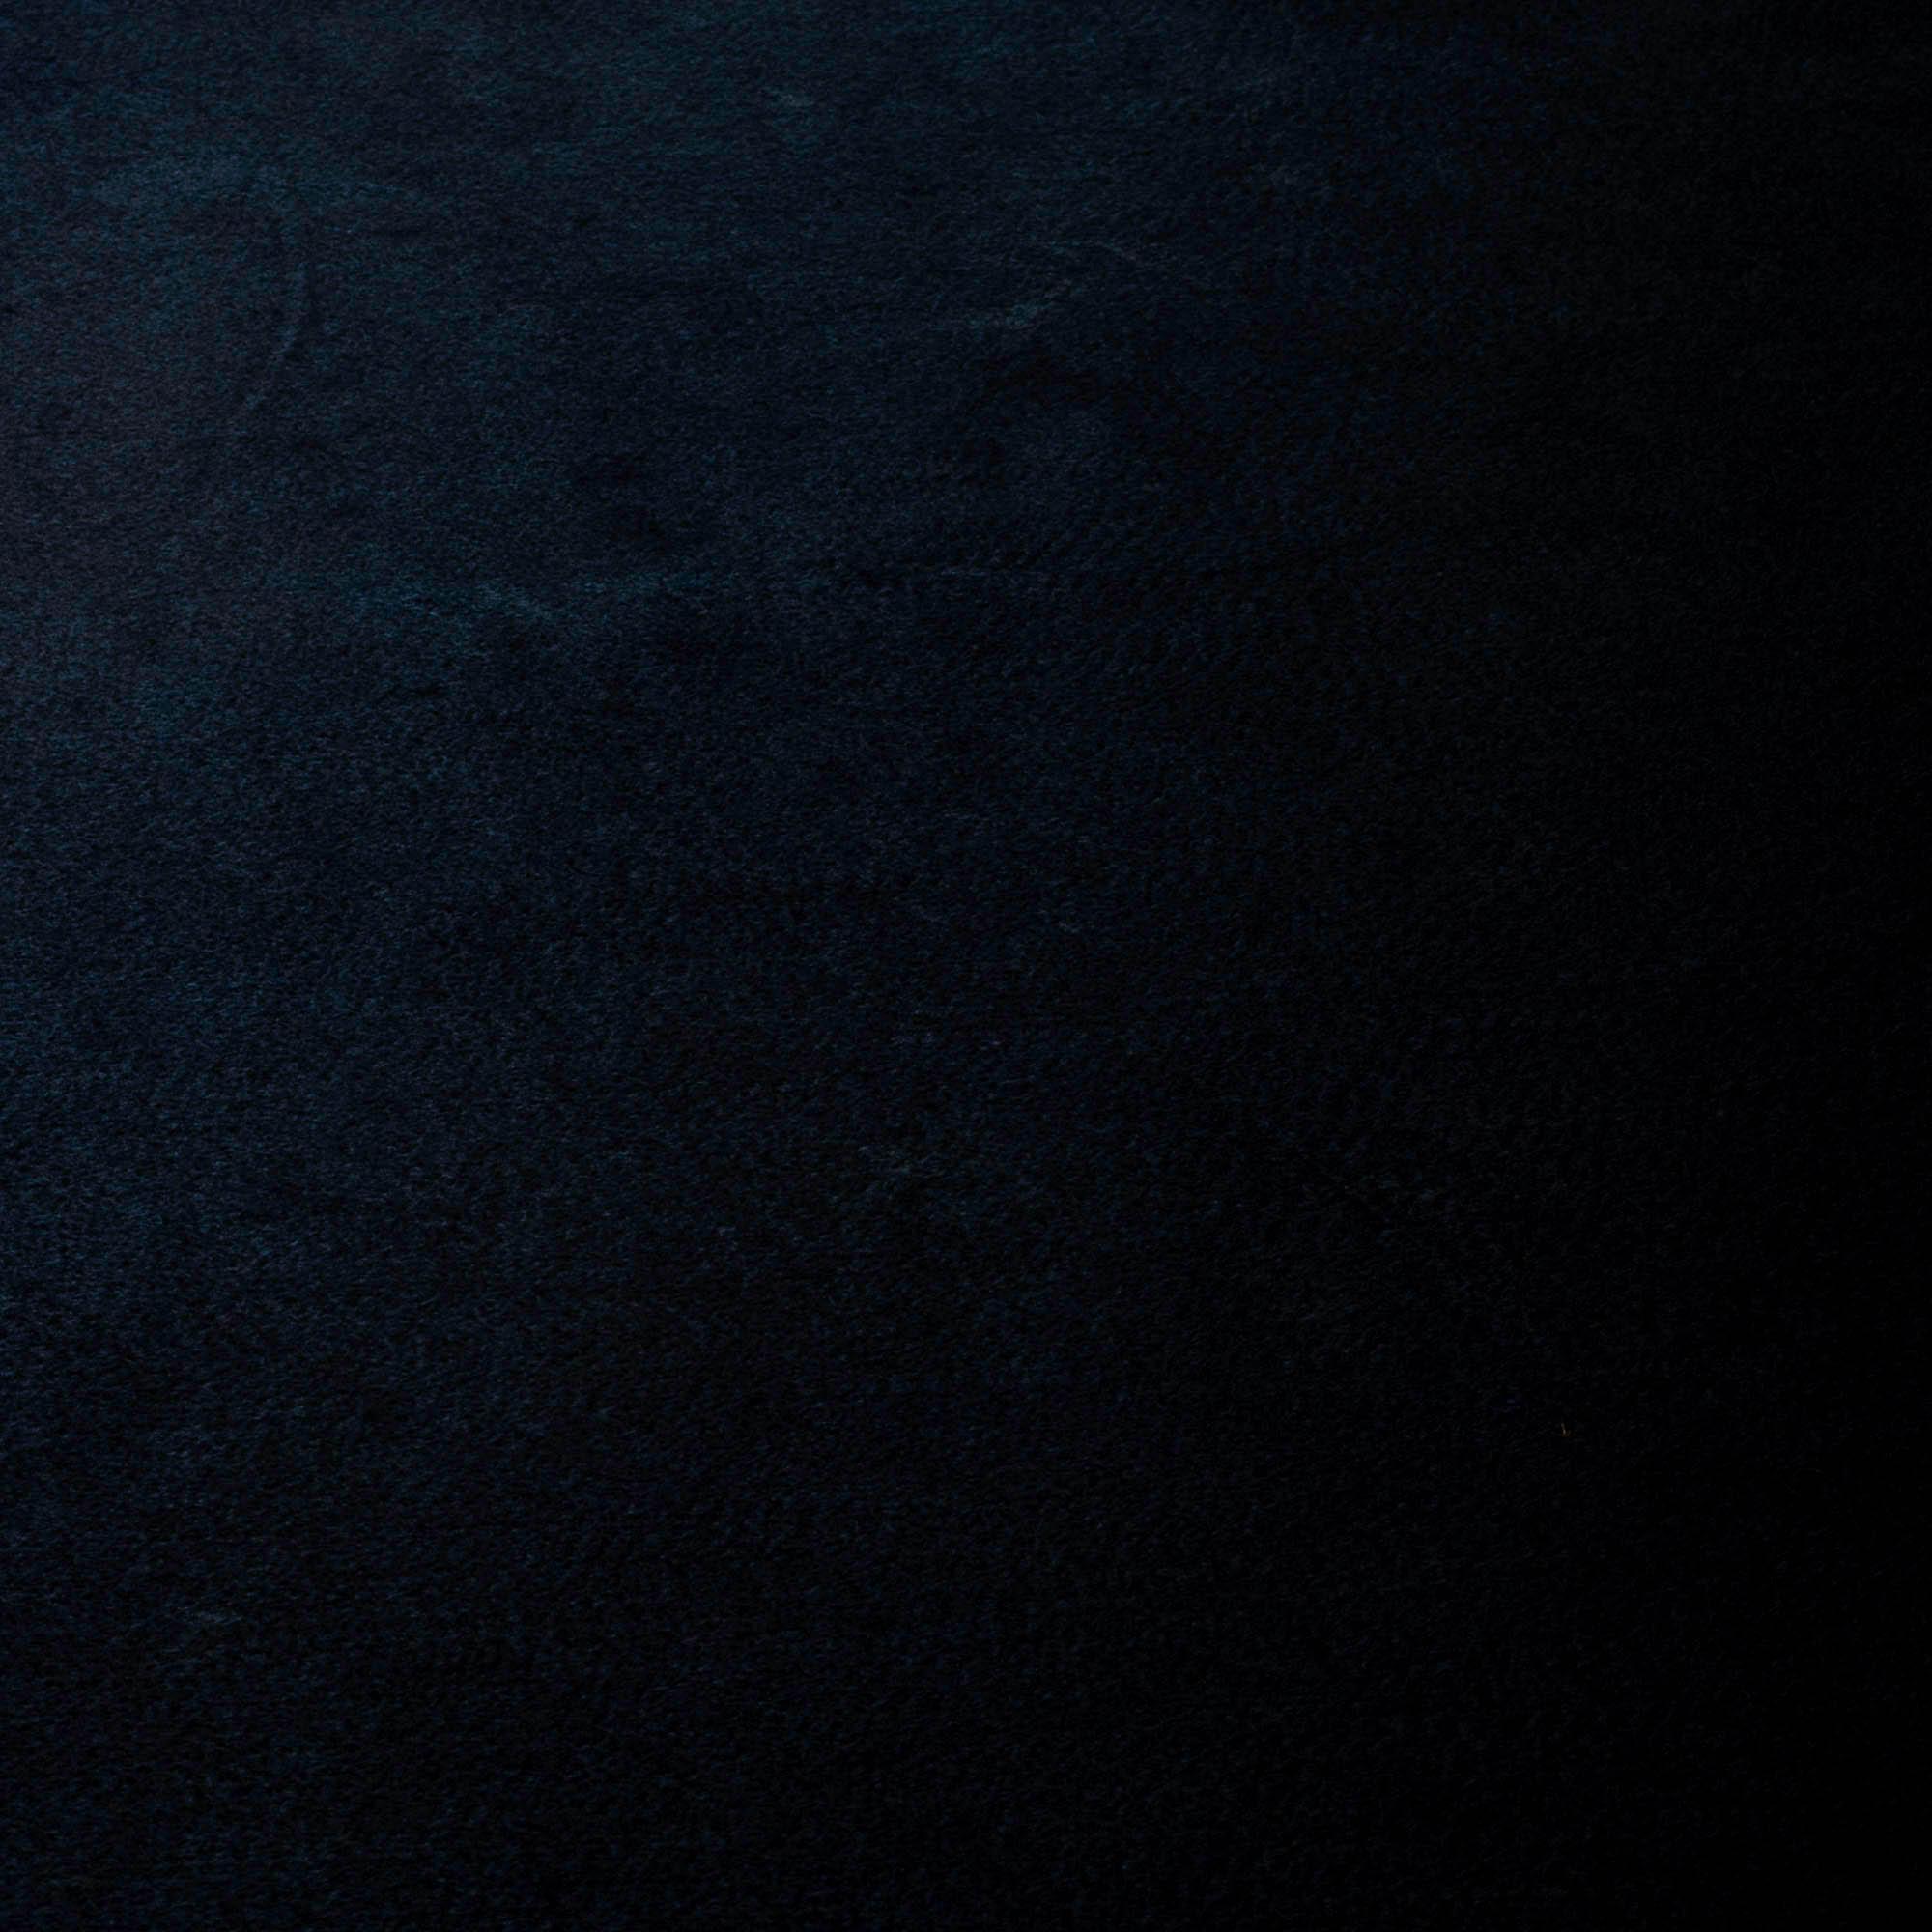 Tecido Feltro 100% Poliester 1,40 Mt Largura Azul/Marinho